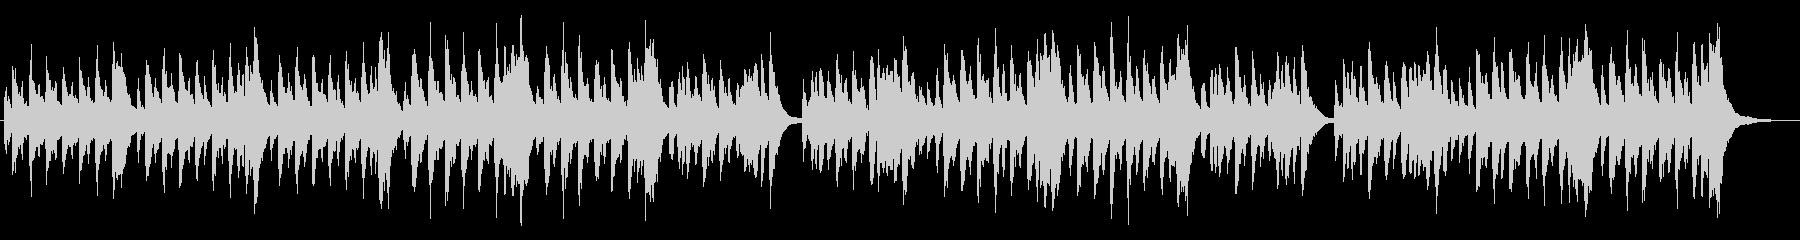 現代的 交響曲 ドラマチック お笑...の未再生の波形